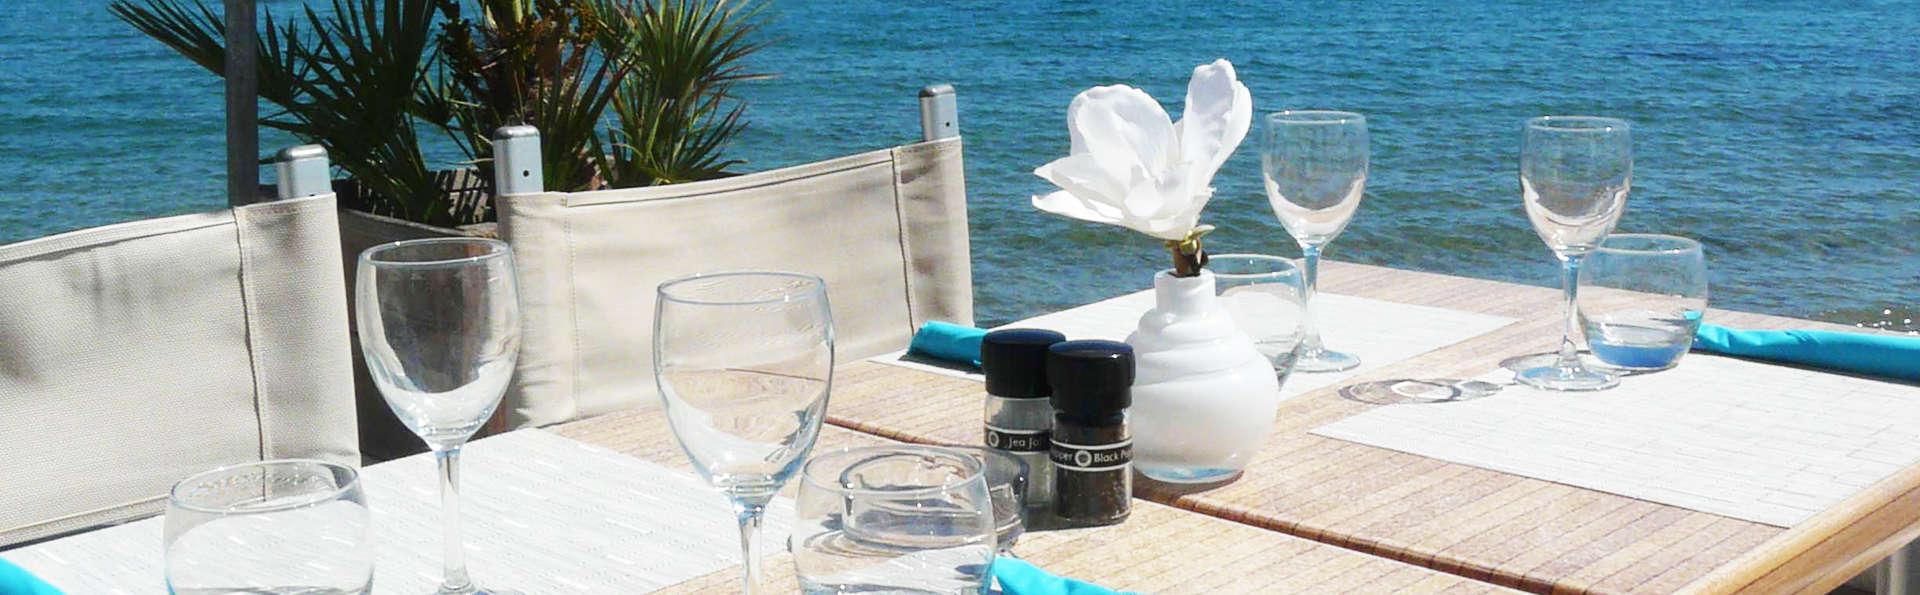 Break gourmand en bord de mer entre Cannes et Saint-Tropez